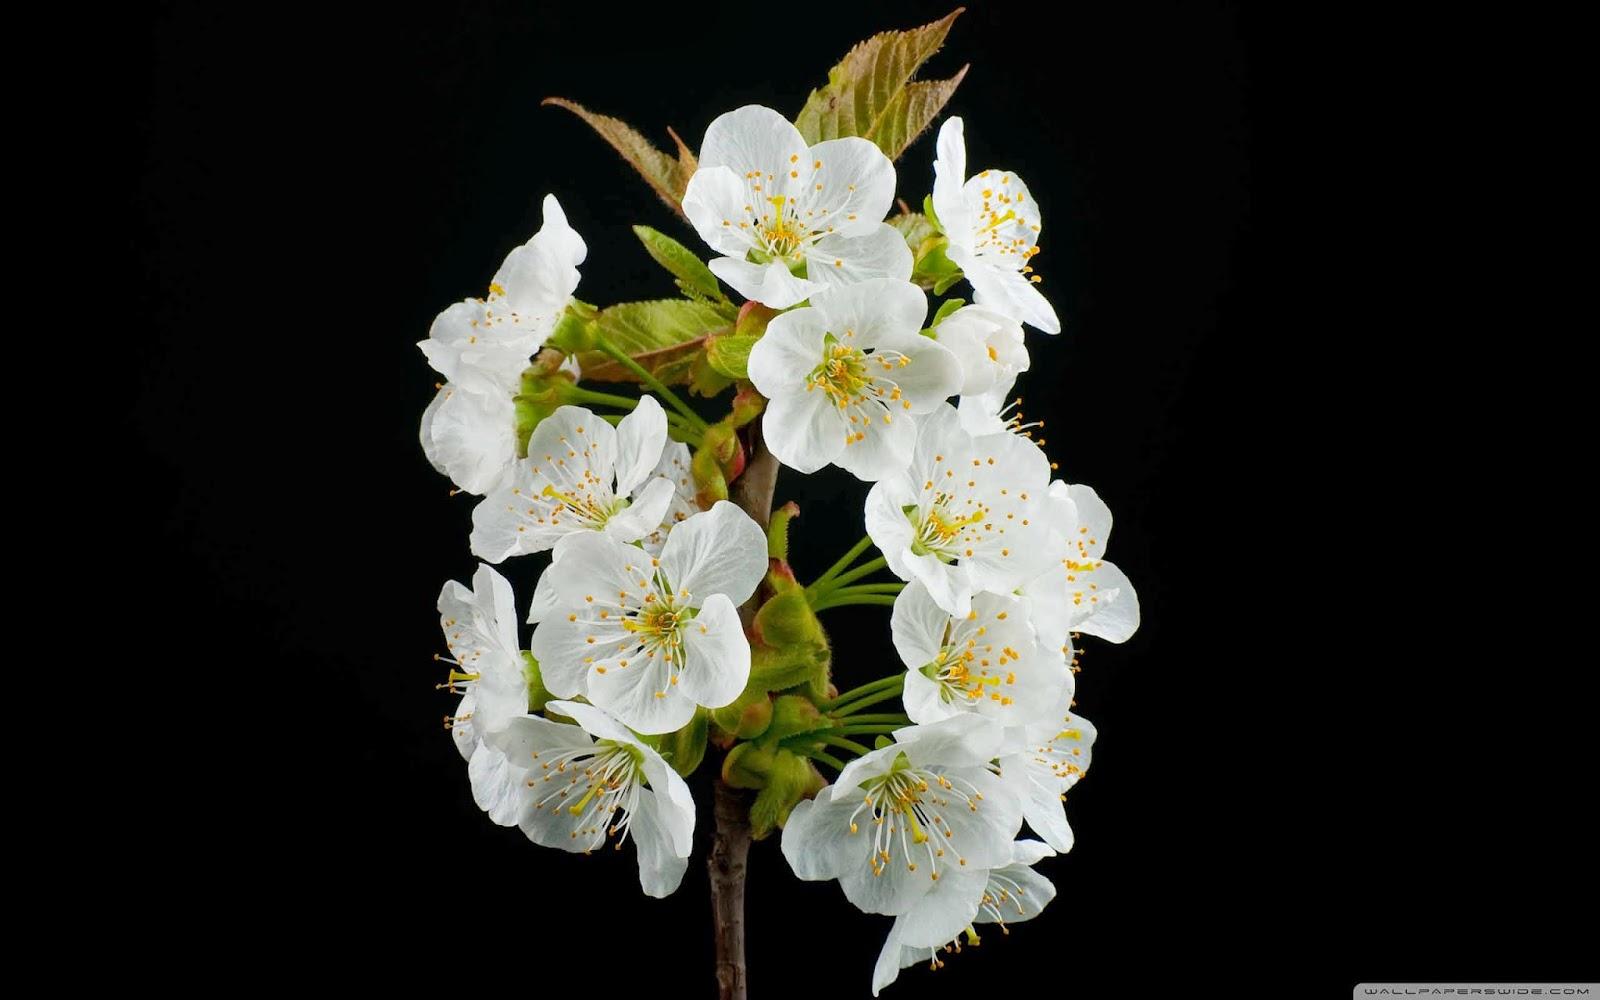 blooming flowers spring wallpaper